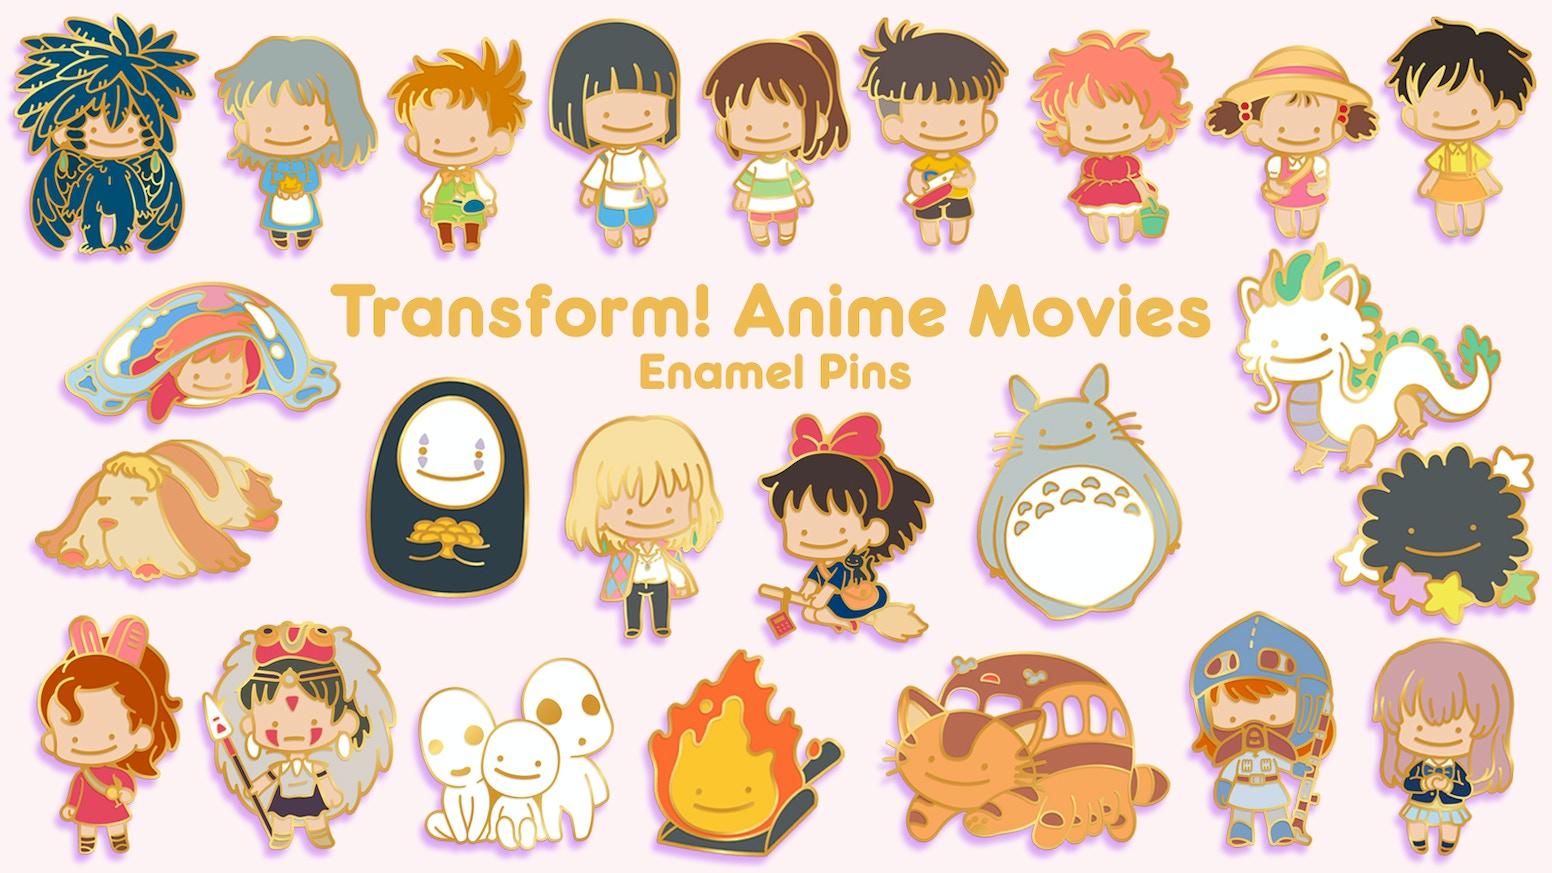 Cotton Candy Pomeranian Kawaii Anime Enamel Pin Lapel Pin